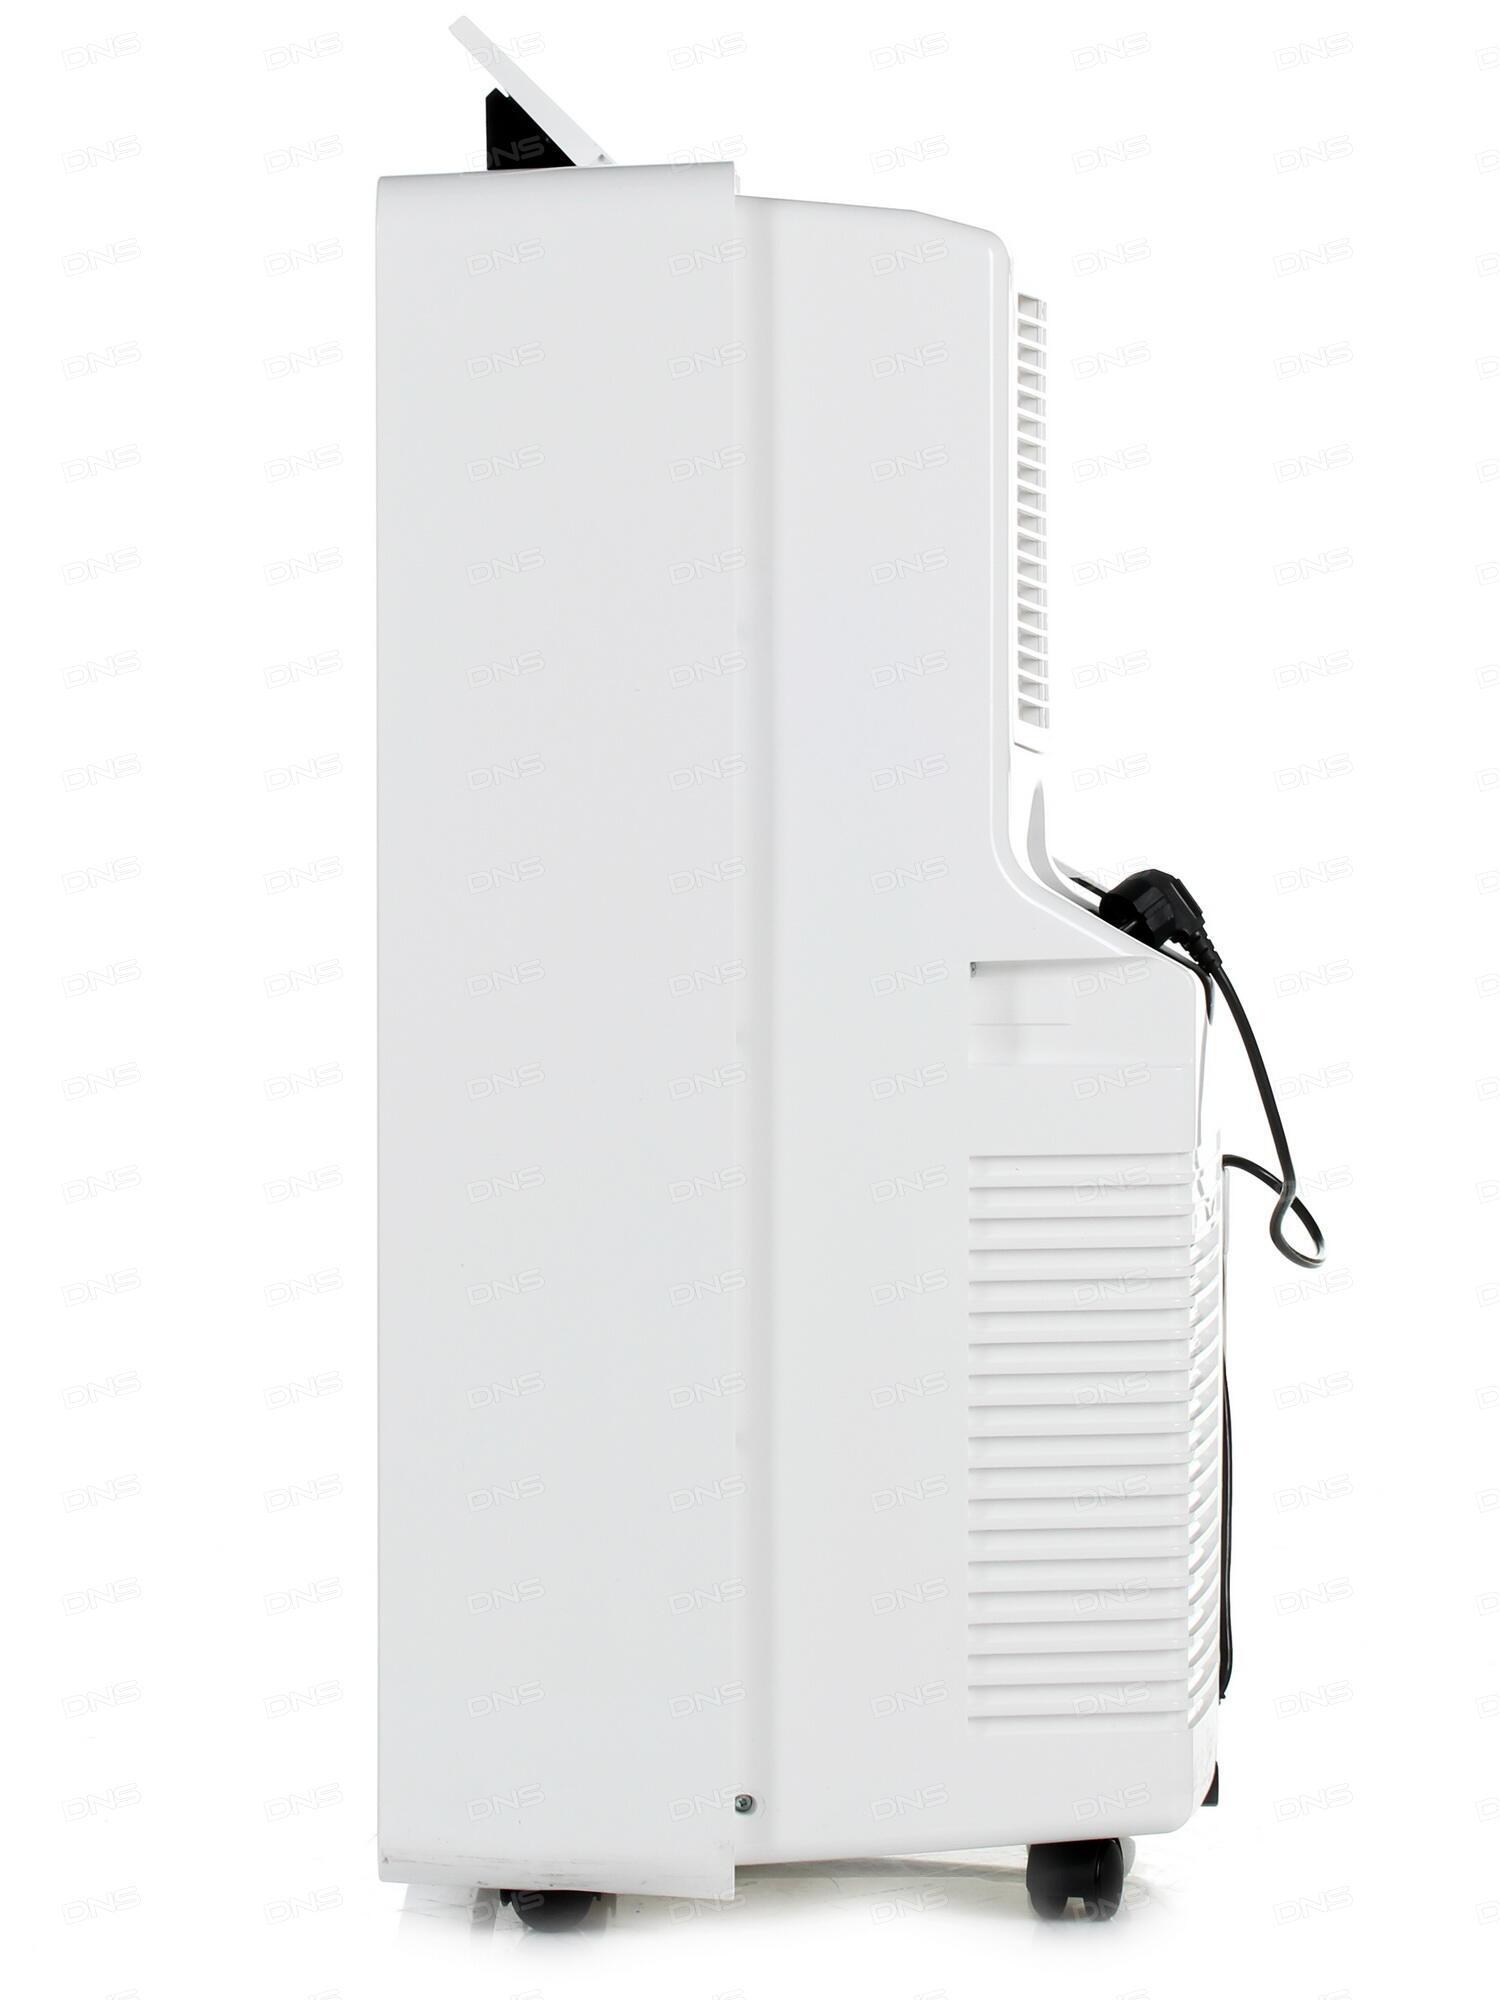 Купить кондиционер мобильный в одессе интернет магазин недорого